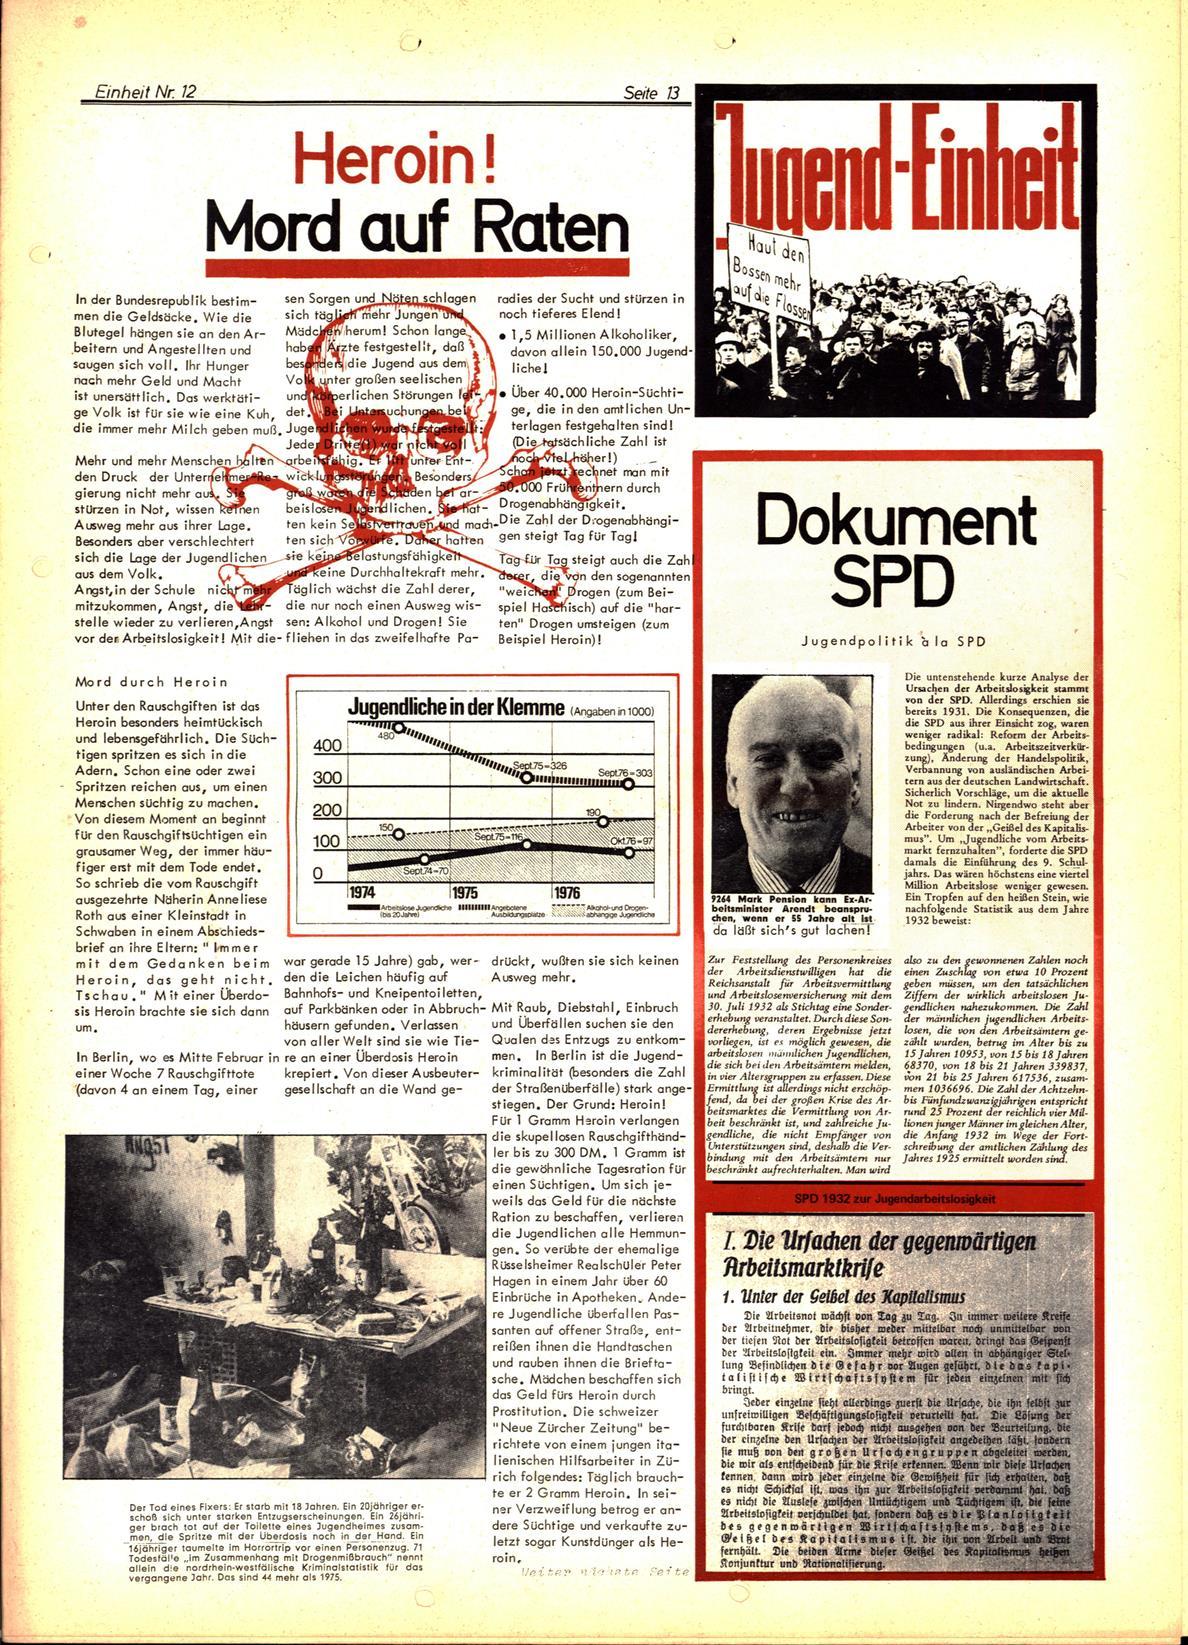 Koeln_IPdA_Einheit_1977_012_013